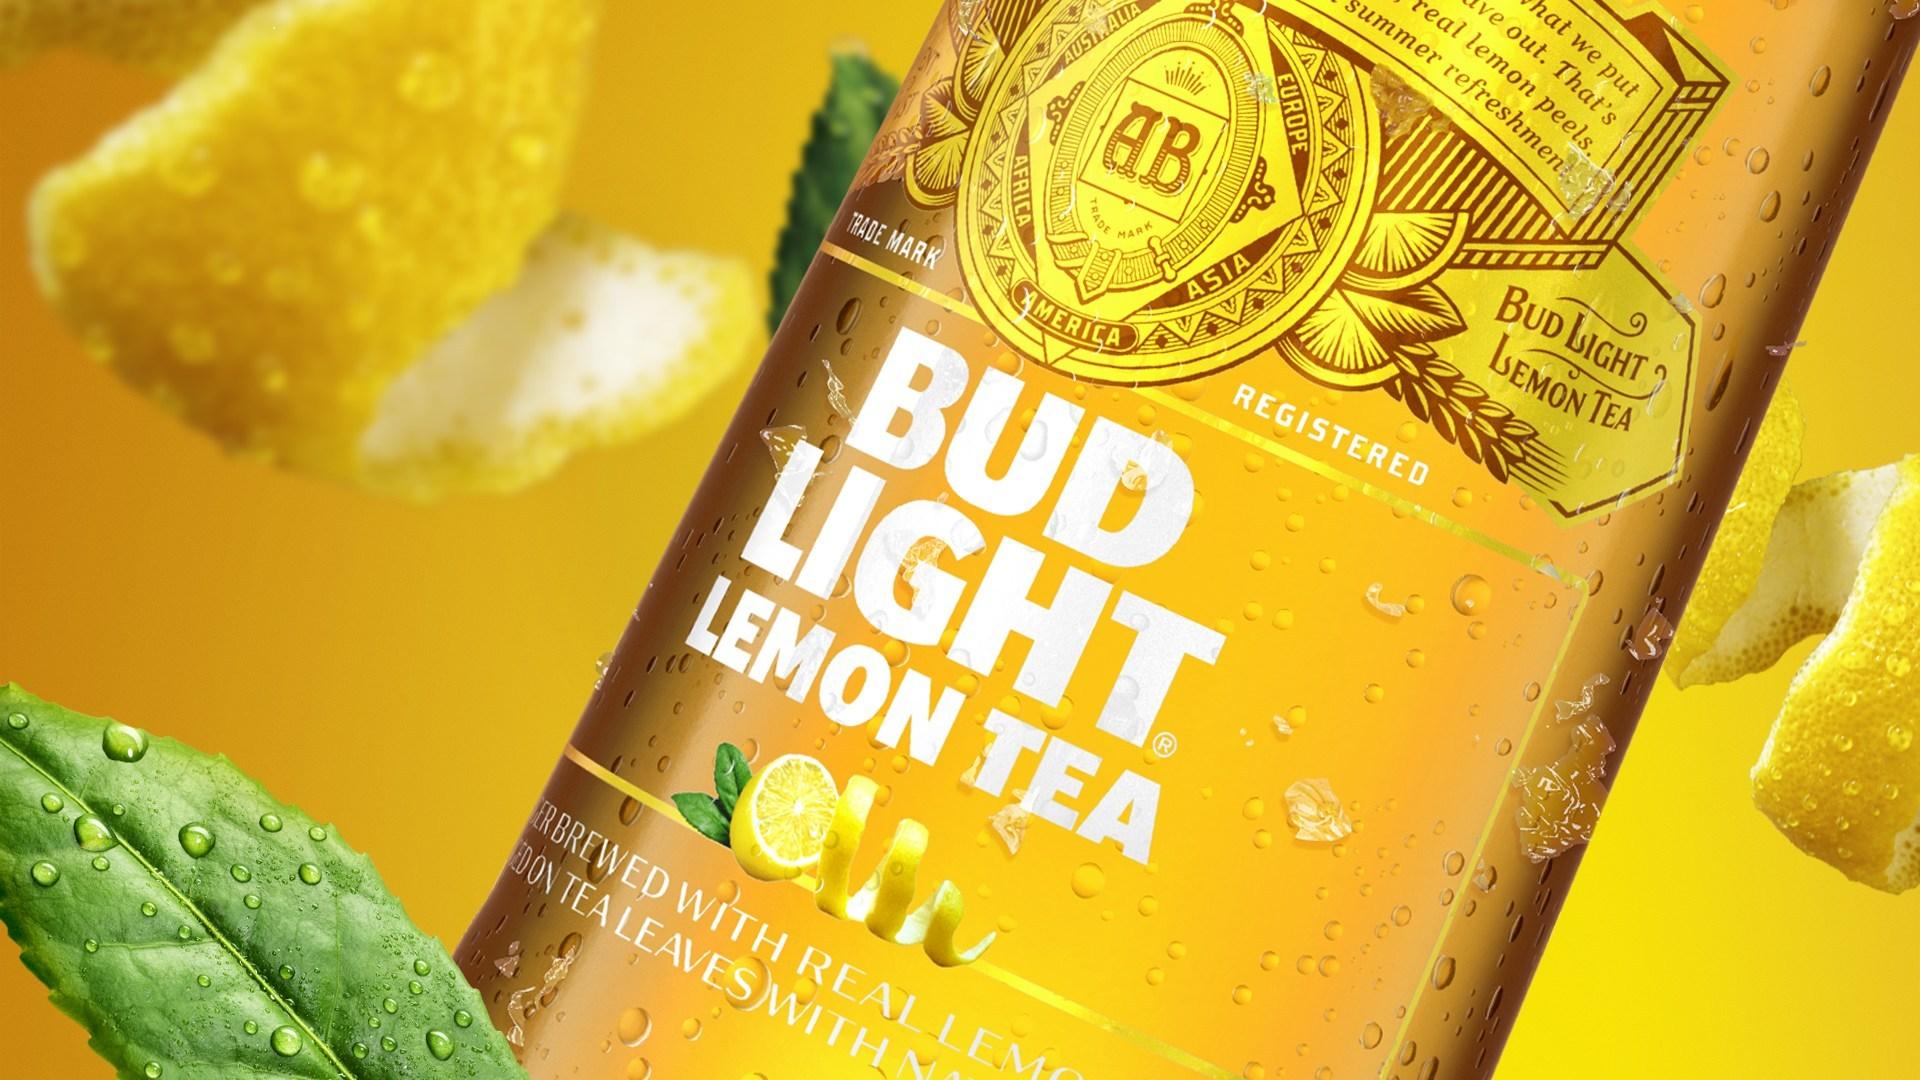 Anheuser-Busch InBev Releases Bud Light Lemon Tea | Brewbound com